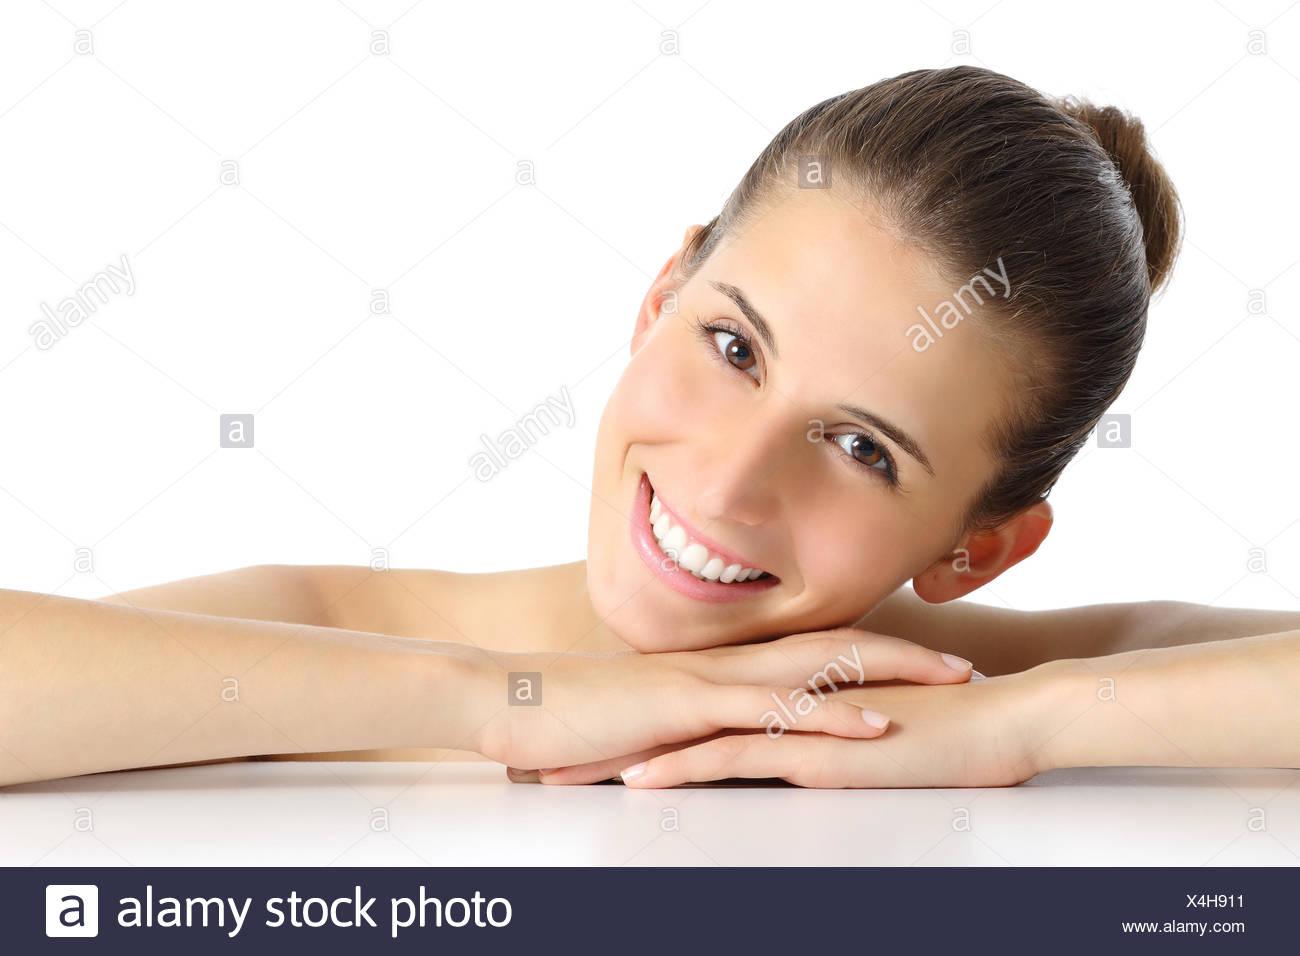 reife Frau Gesichtsbehandlung